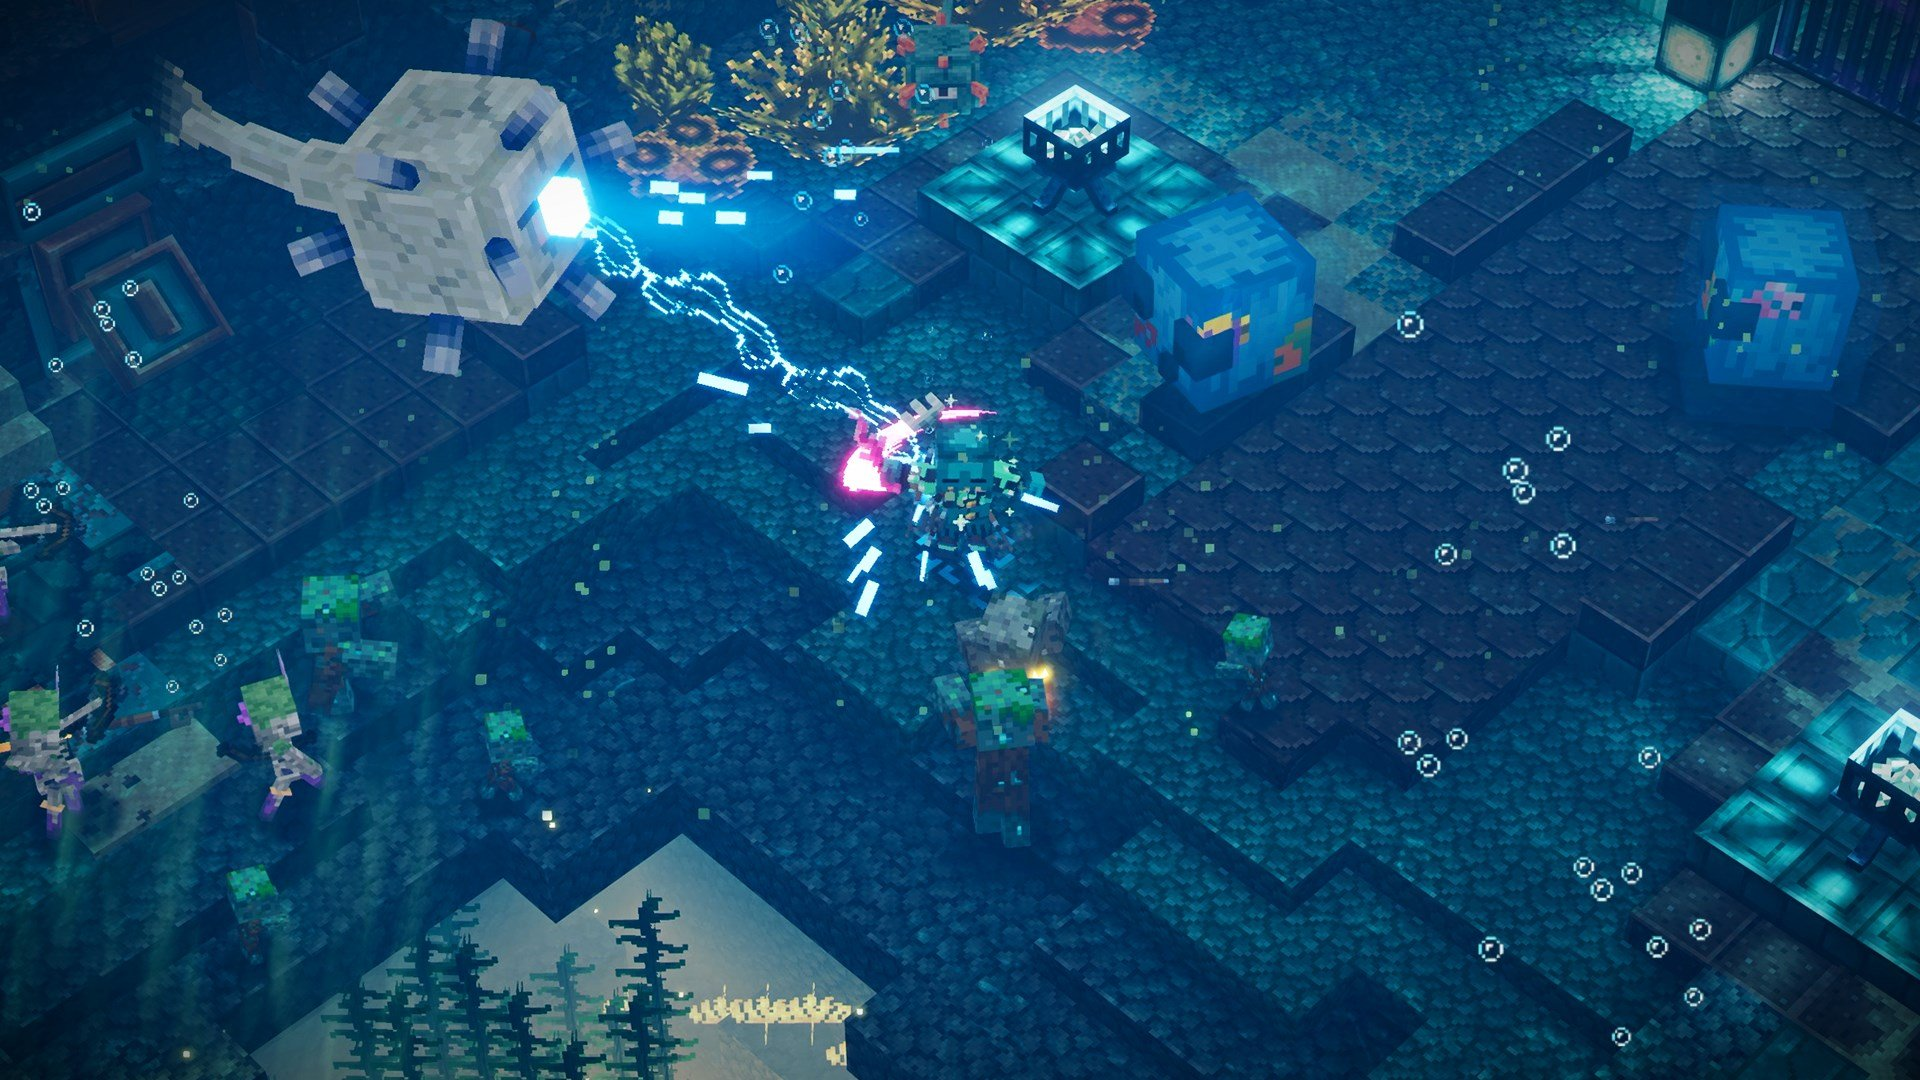 Minecraft Dungeons: Filtradas capturas de su nuevo DLC - Minecraft Dungeons sacará su nuevo DLC muy pronto y algunas imágenes del mismo acaban de ser filtradas.